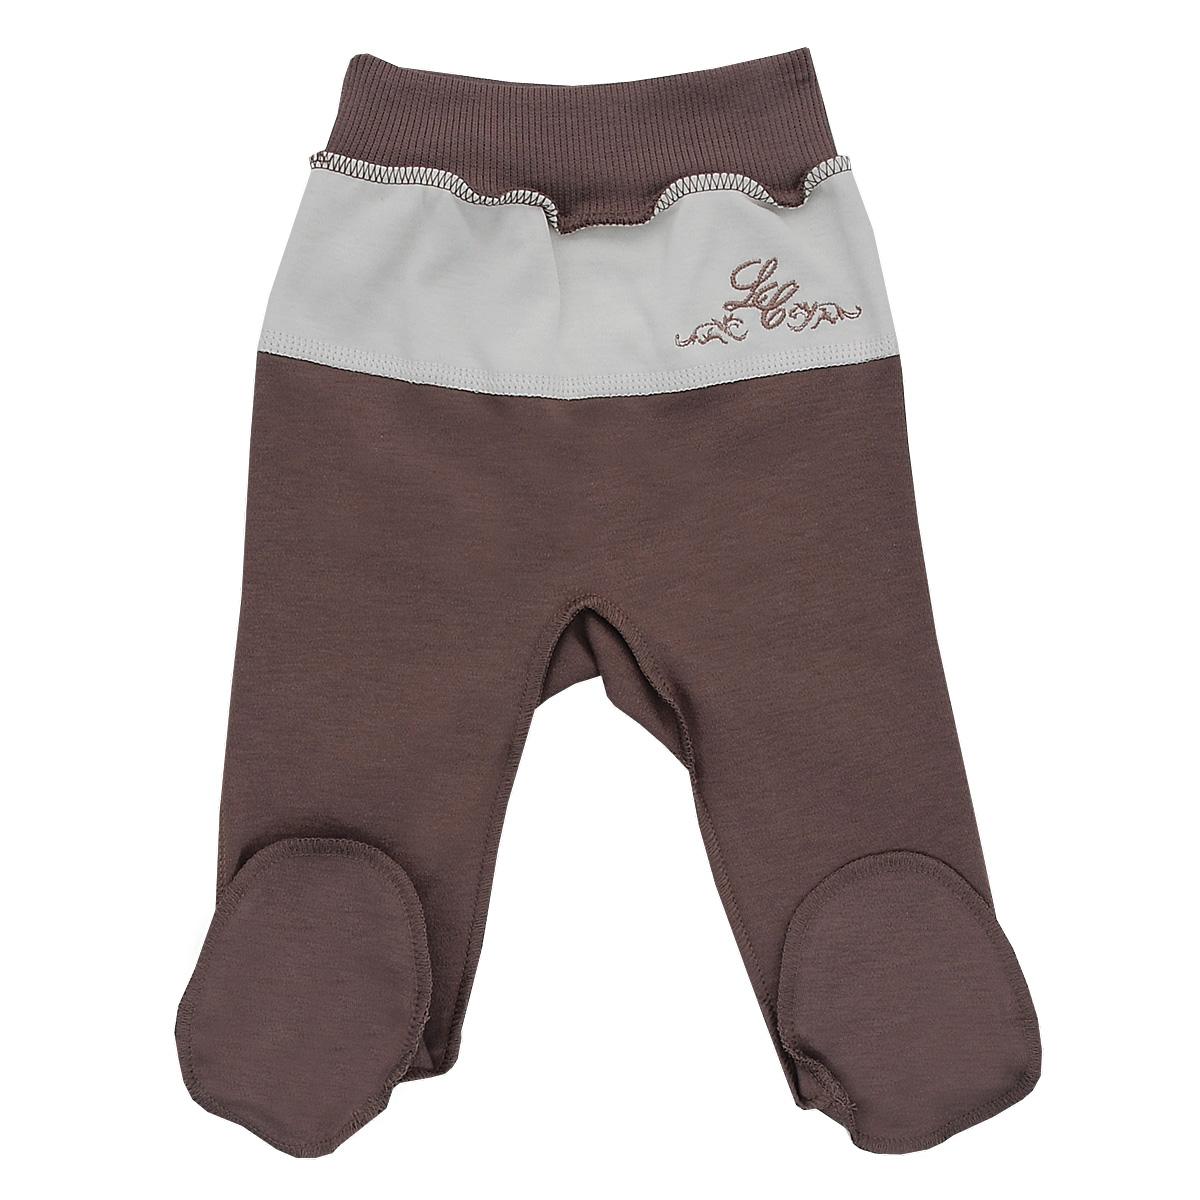 20-4Ползунки для мальчика Lucky Child - послужат идеальным дополнением к гардеробу малыша. Они выполнены из натурального хлопка, благодаря чему они необычайно мягкие и приятные на ощупь, не раздражают нежную кожу ребенка и хорошо вентилируются, а эластичные швы приятны телу малыша и не препятствуют его движениям. Ползунки с закрытыми ножками выполнены швами наружу и подходят для ношения с подгузником и без него. На талии они имеют широкую трикотажную резинку, не сжимающую животик ребенка. Спереди модель дополнена вставкой контрастного цвета, оформленной вышивкой. В этих ползунках вашему малышу всегда будет комфортно и уютно.